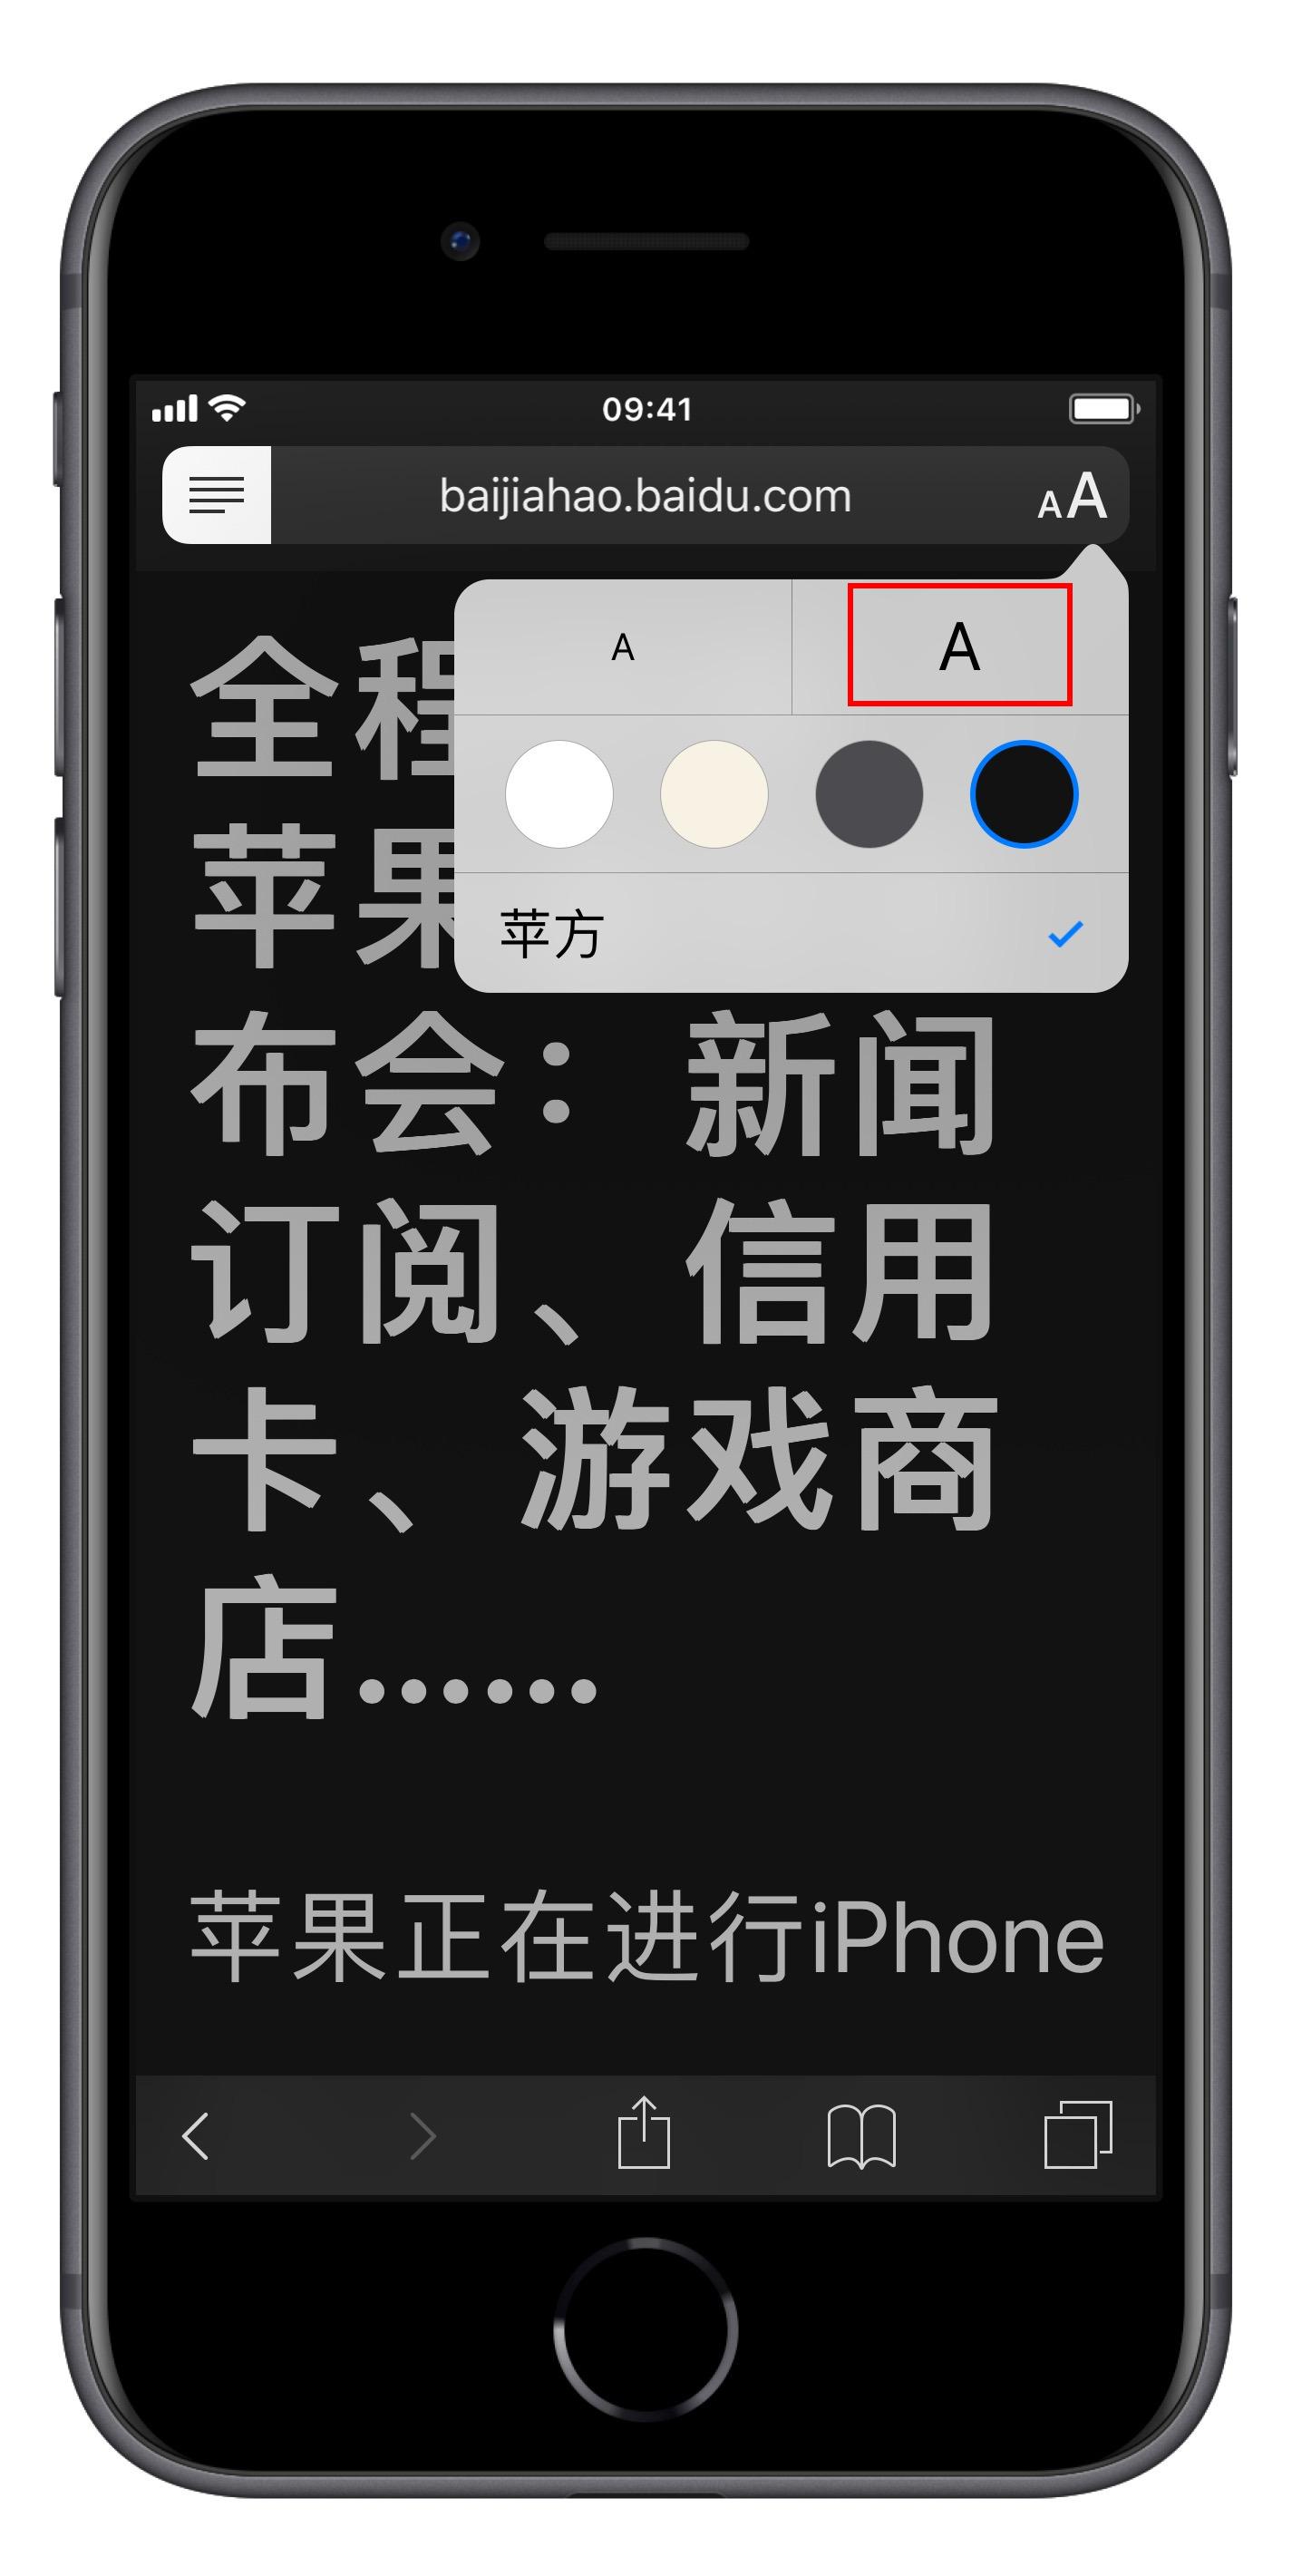 教你在 iPhone 上设置更大的字体